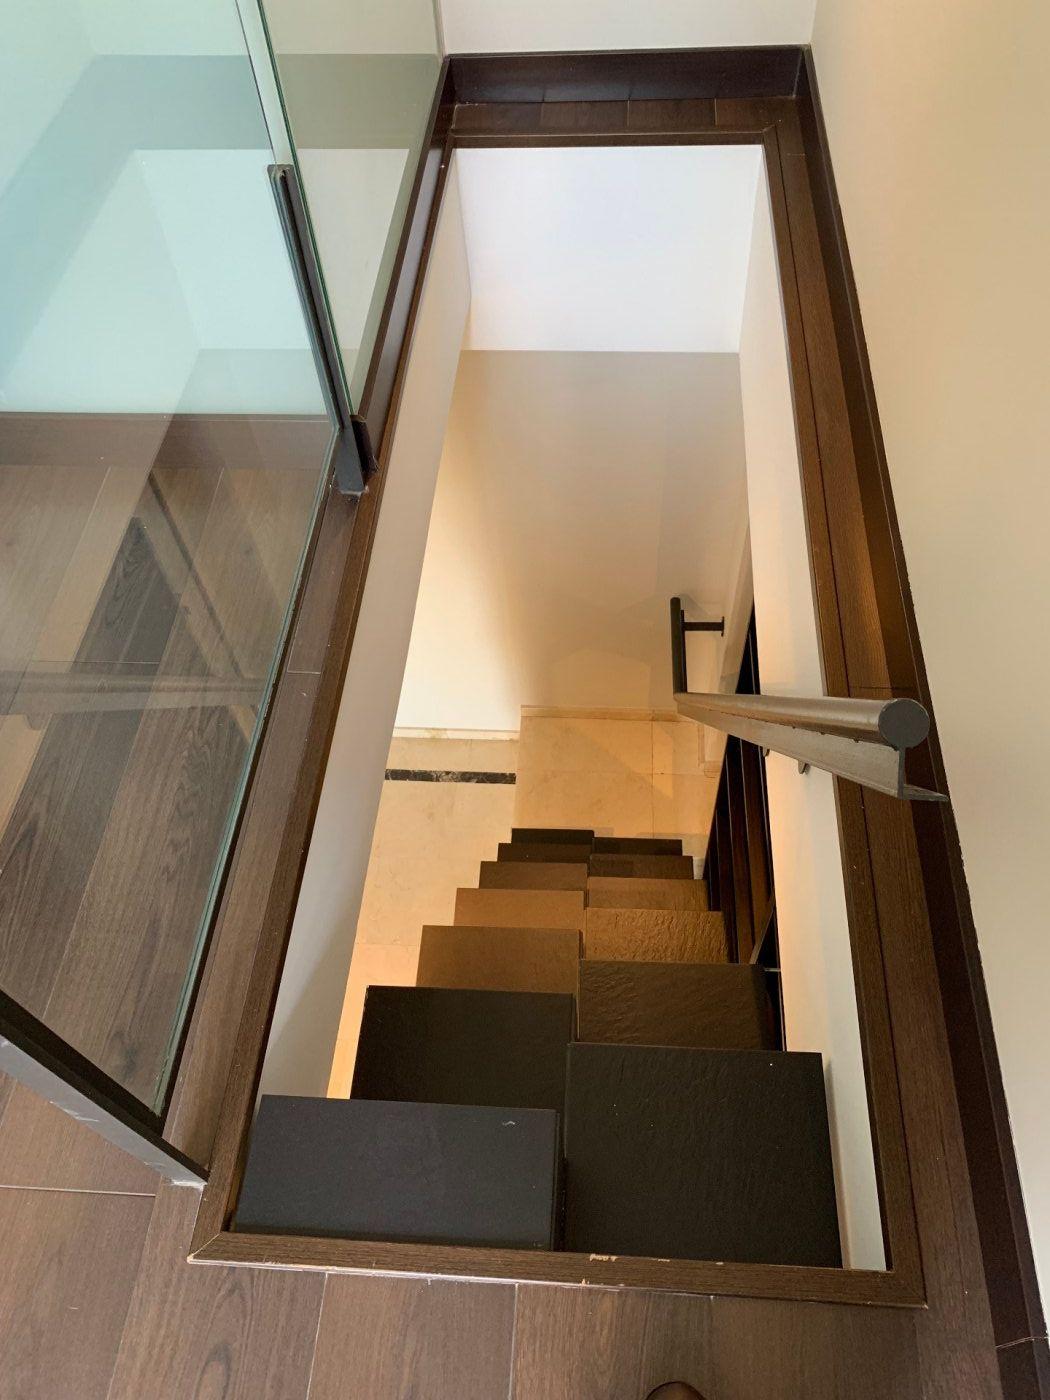 Venta o alquiler de piso en madrid - imagenInmueble13